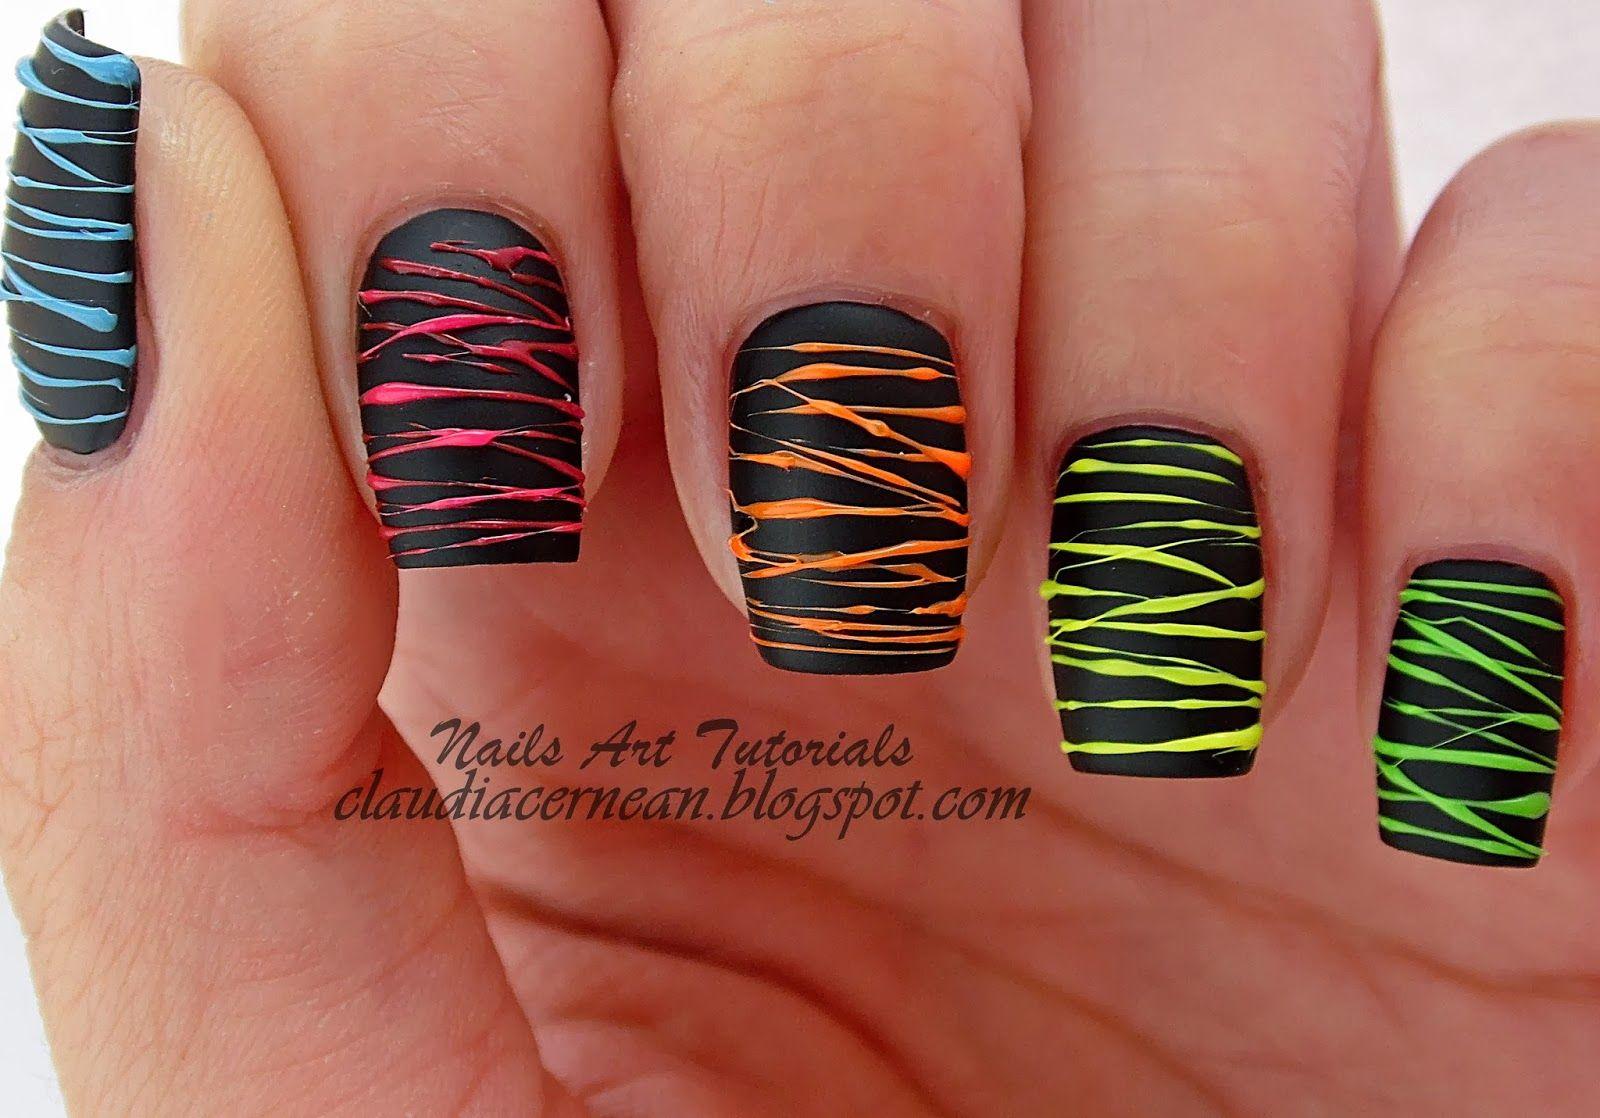 Unghii Spun Sugar Spun Sugar Nails Nails Art Tutorials Nail